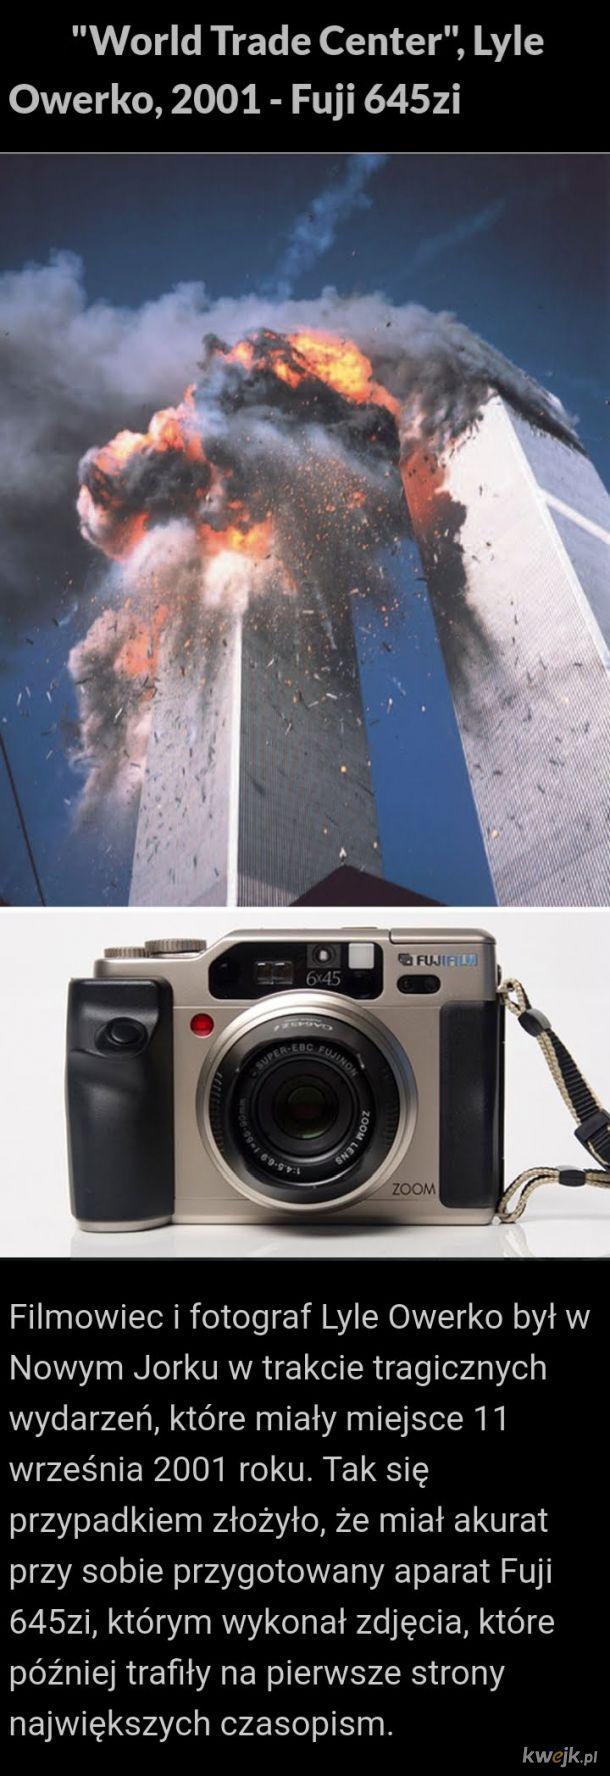 Historyczne fotografie były zrobione tymi aparatami